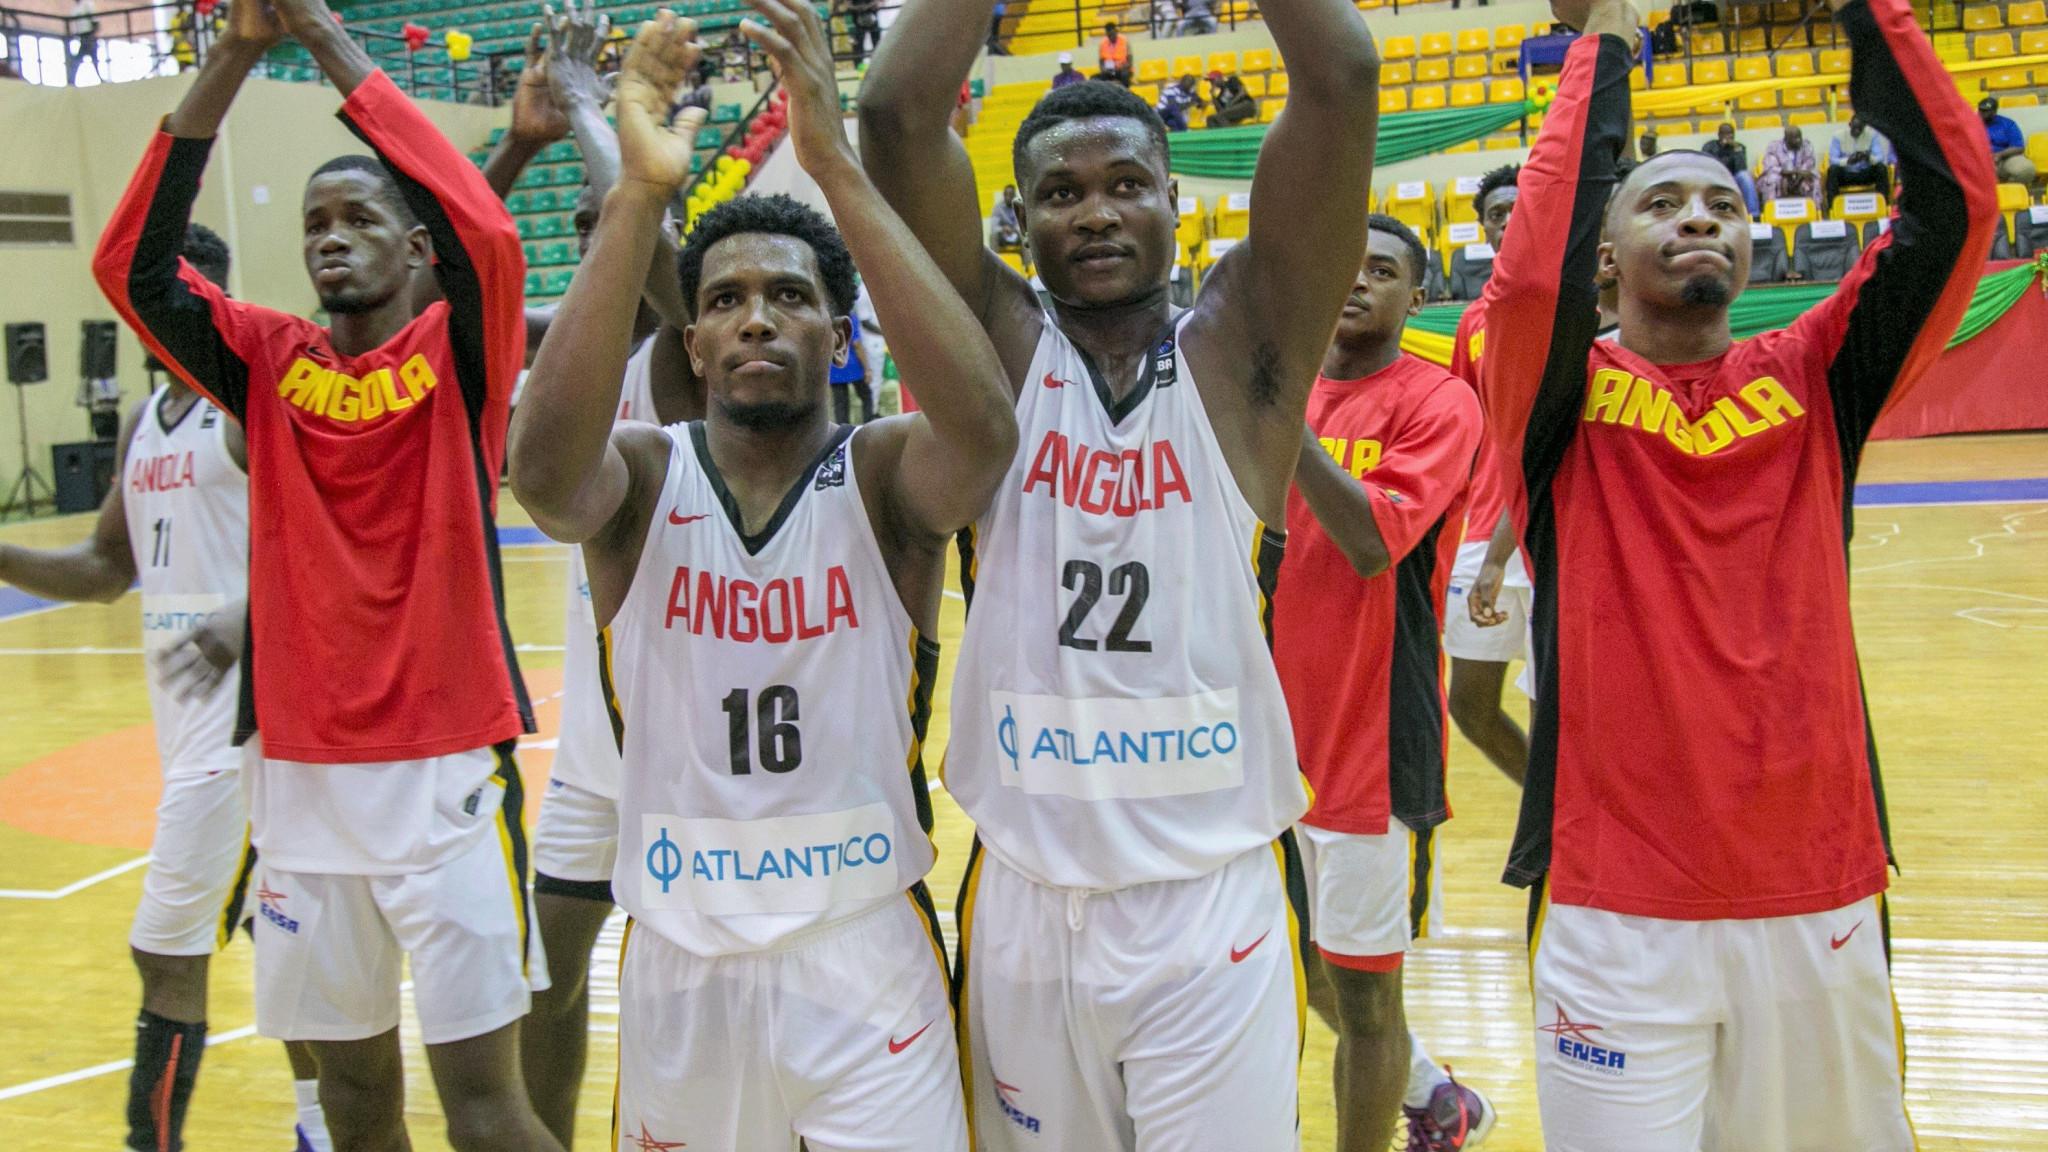 Angola among quartet to secure FIBA AfroCan quarter-finals berths